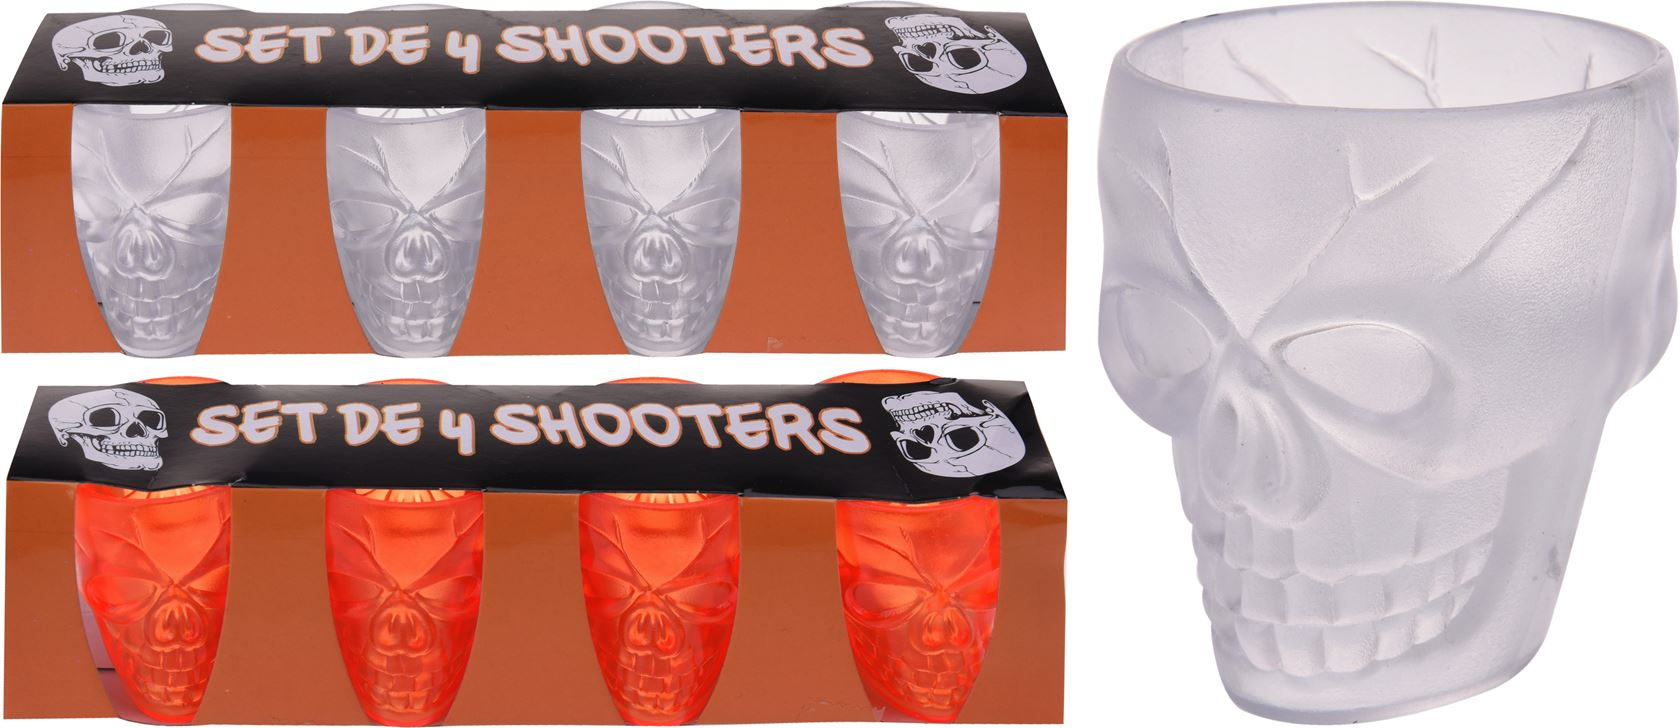 shot glas ps set (4sts)(2 kleuren ass.)